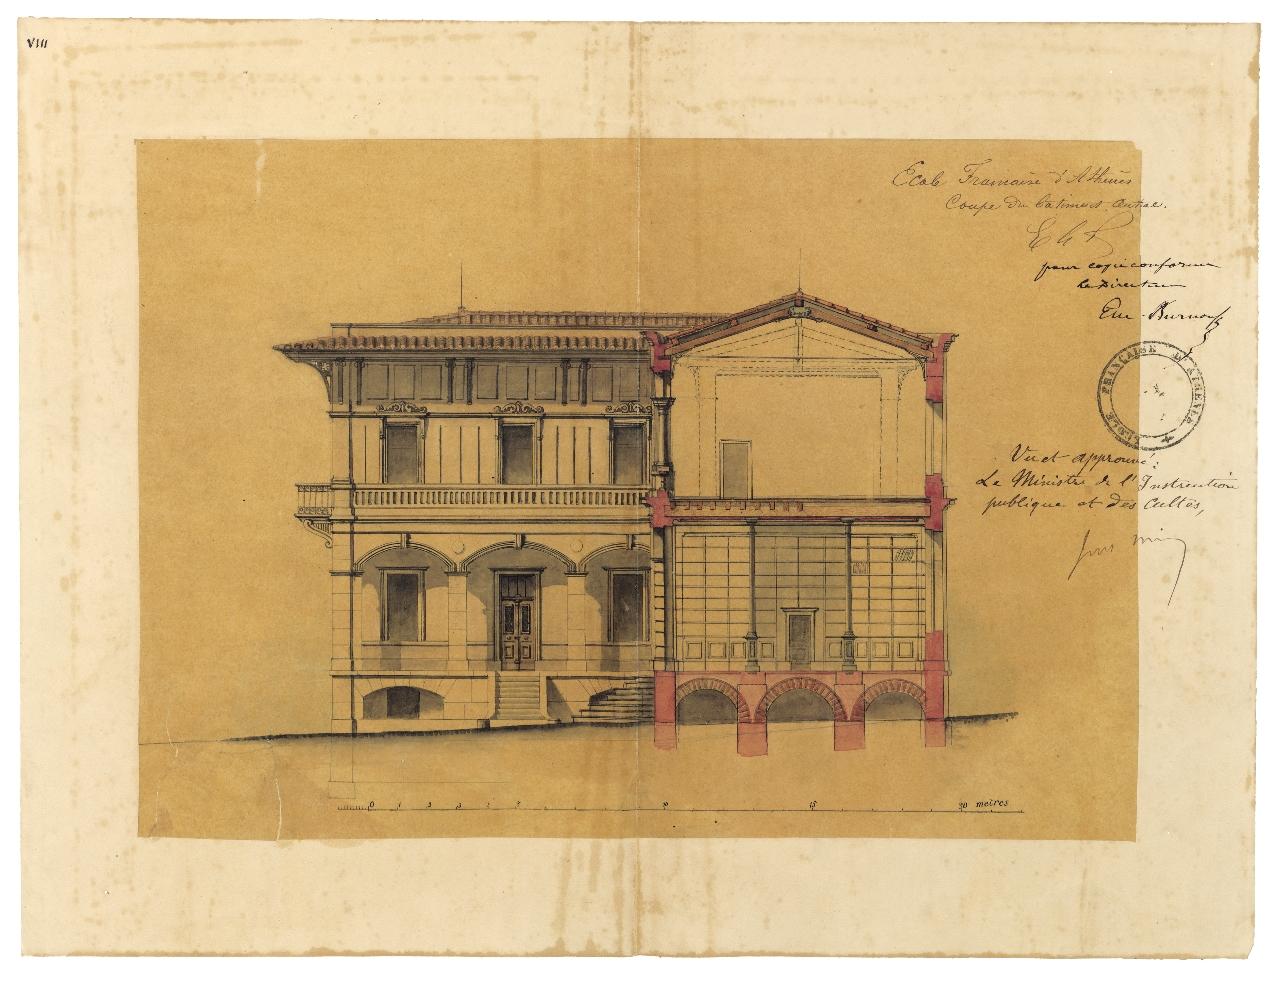 Élévation et coupe du bâtiment principal de l'École française d'Athènes, ca. 1872. Université de Lorraine, fonds Burnouf 41-2, 7